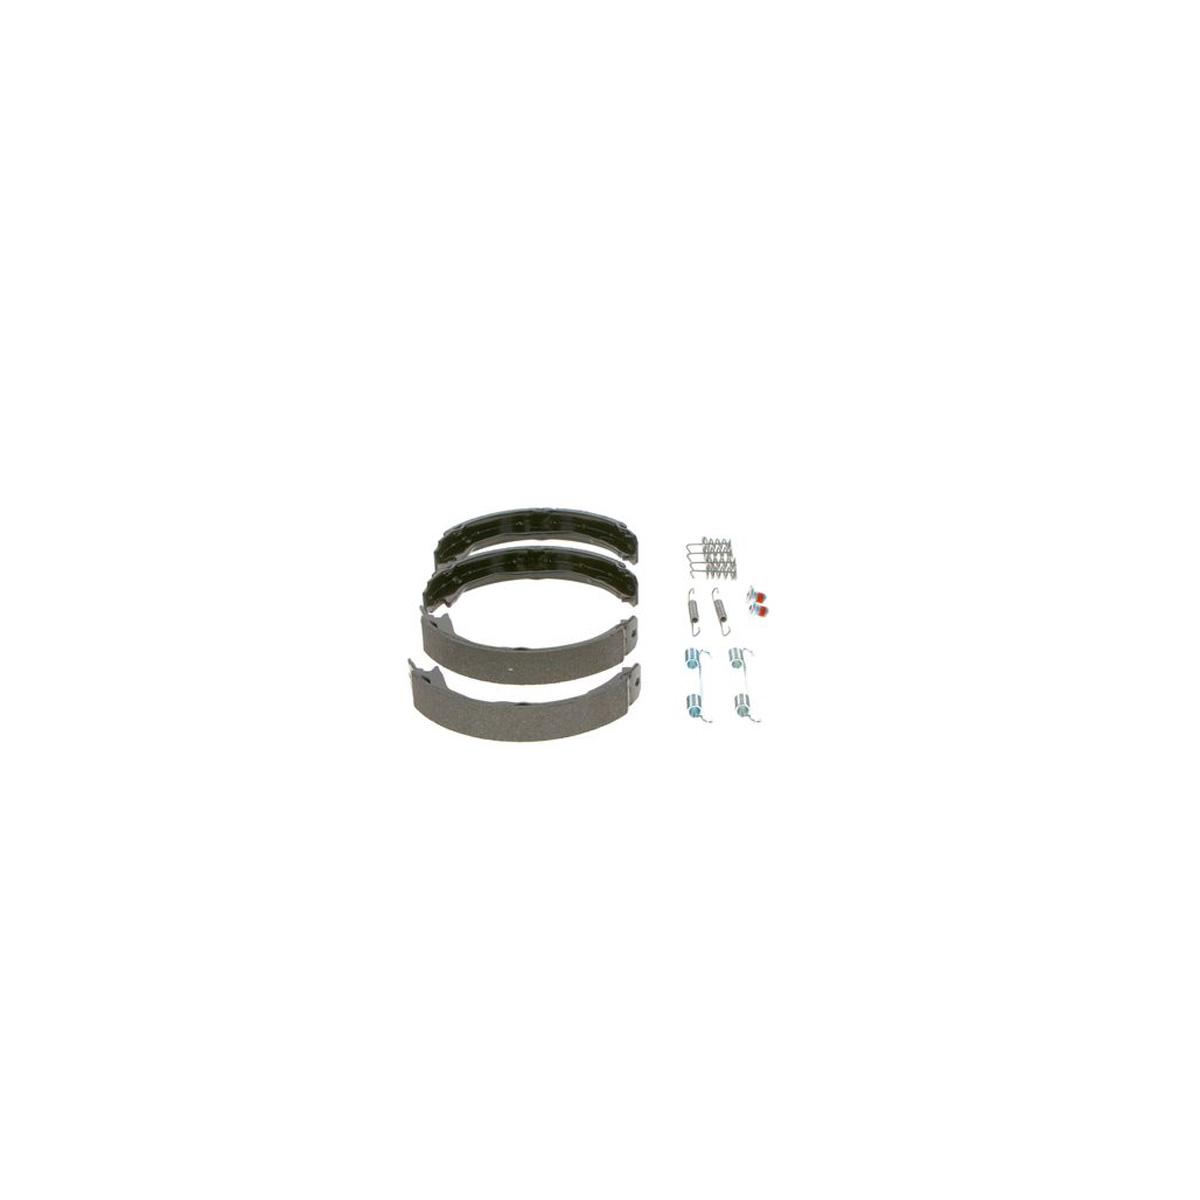 BOSCH 0986487723 Bremsbacken + Zubehörsatz MERCEDES W204 S204 C204 C207 A207 hinten